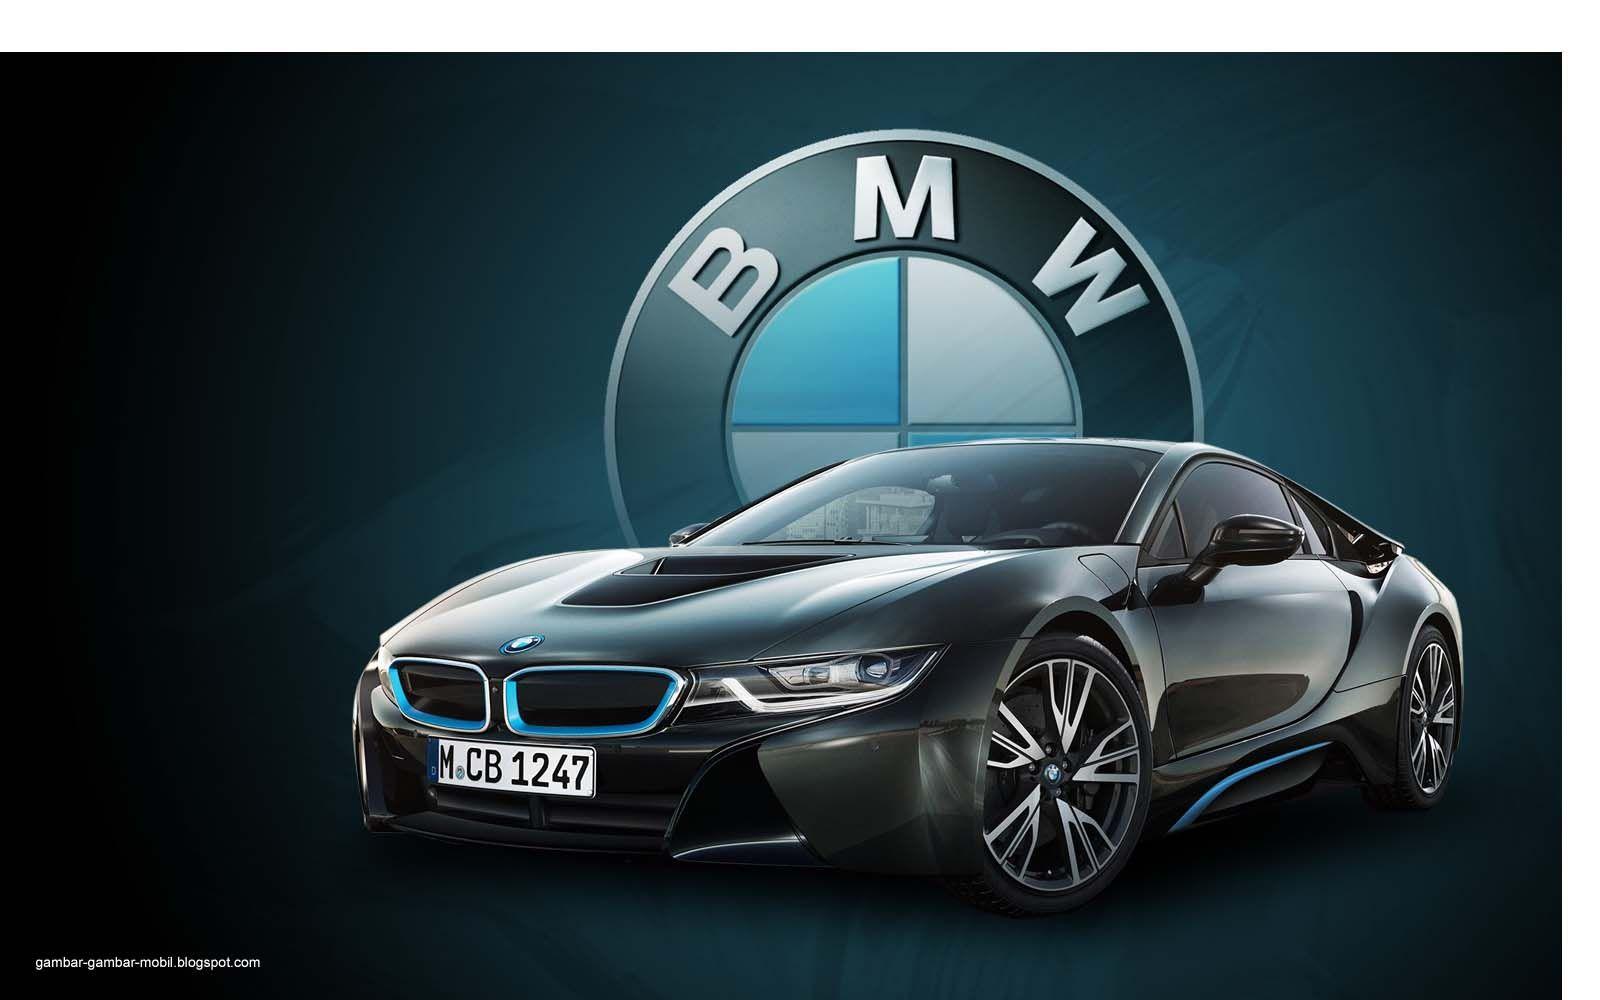 Koleksi Gambar Mobil Bmw Modifikasi Mobil